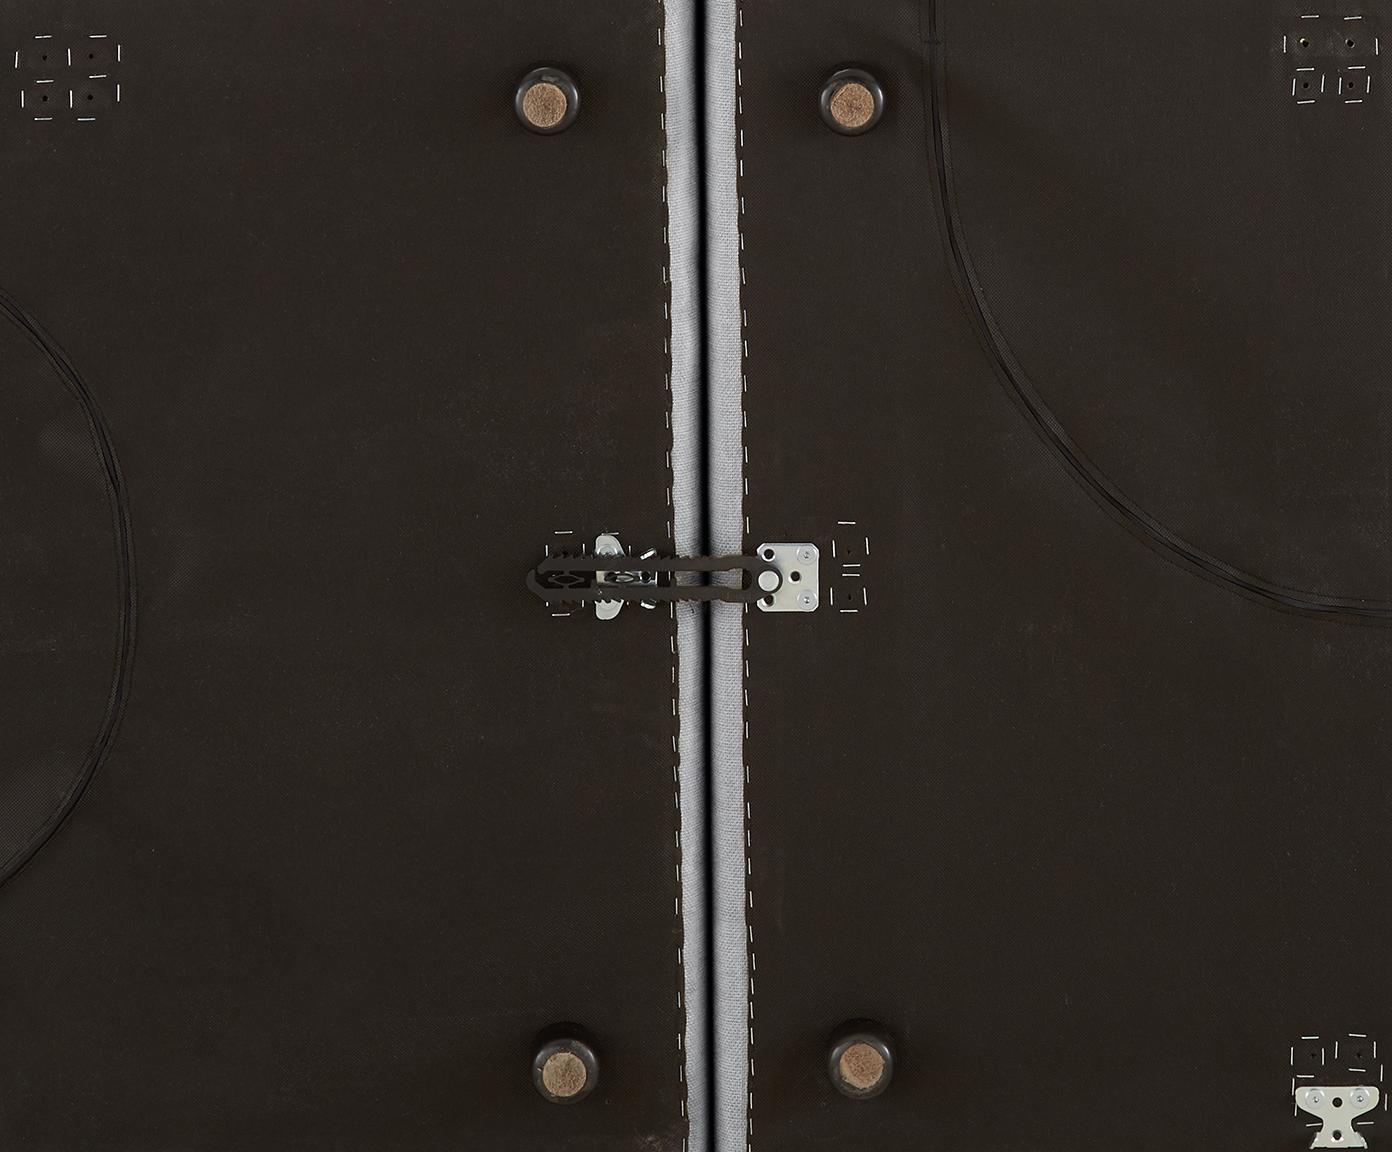 Szezlong modułowy Lennon, Tapicerka: poliester 35 000 cykli w , Stelaż: lite drewno sosnowe, skle, Nogi: tworzywo sztuczne, Jasny szary, S 269 x G 119 cm